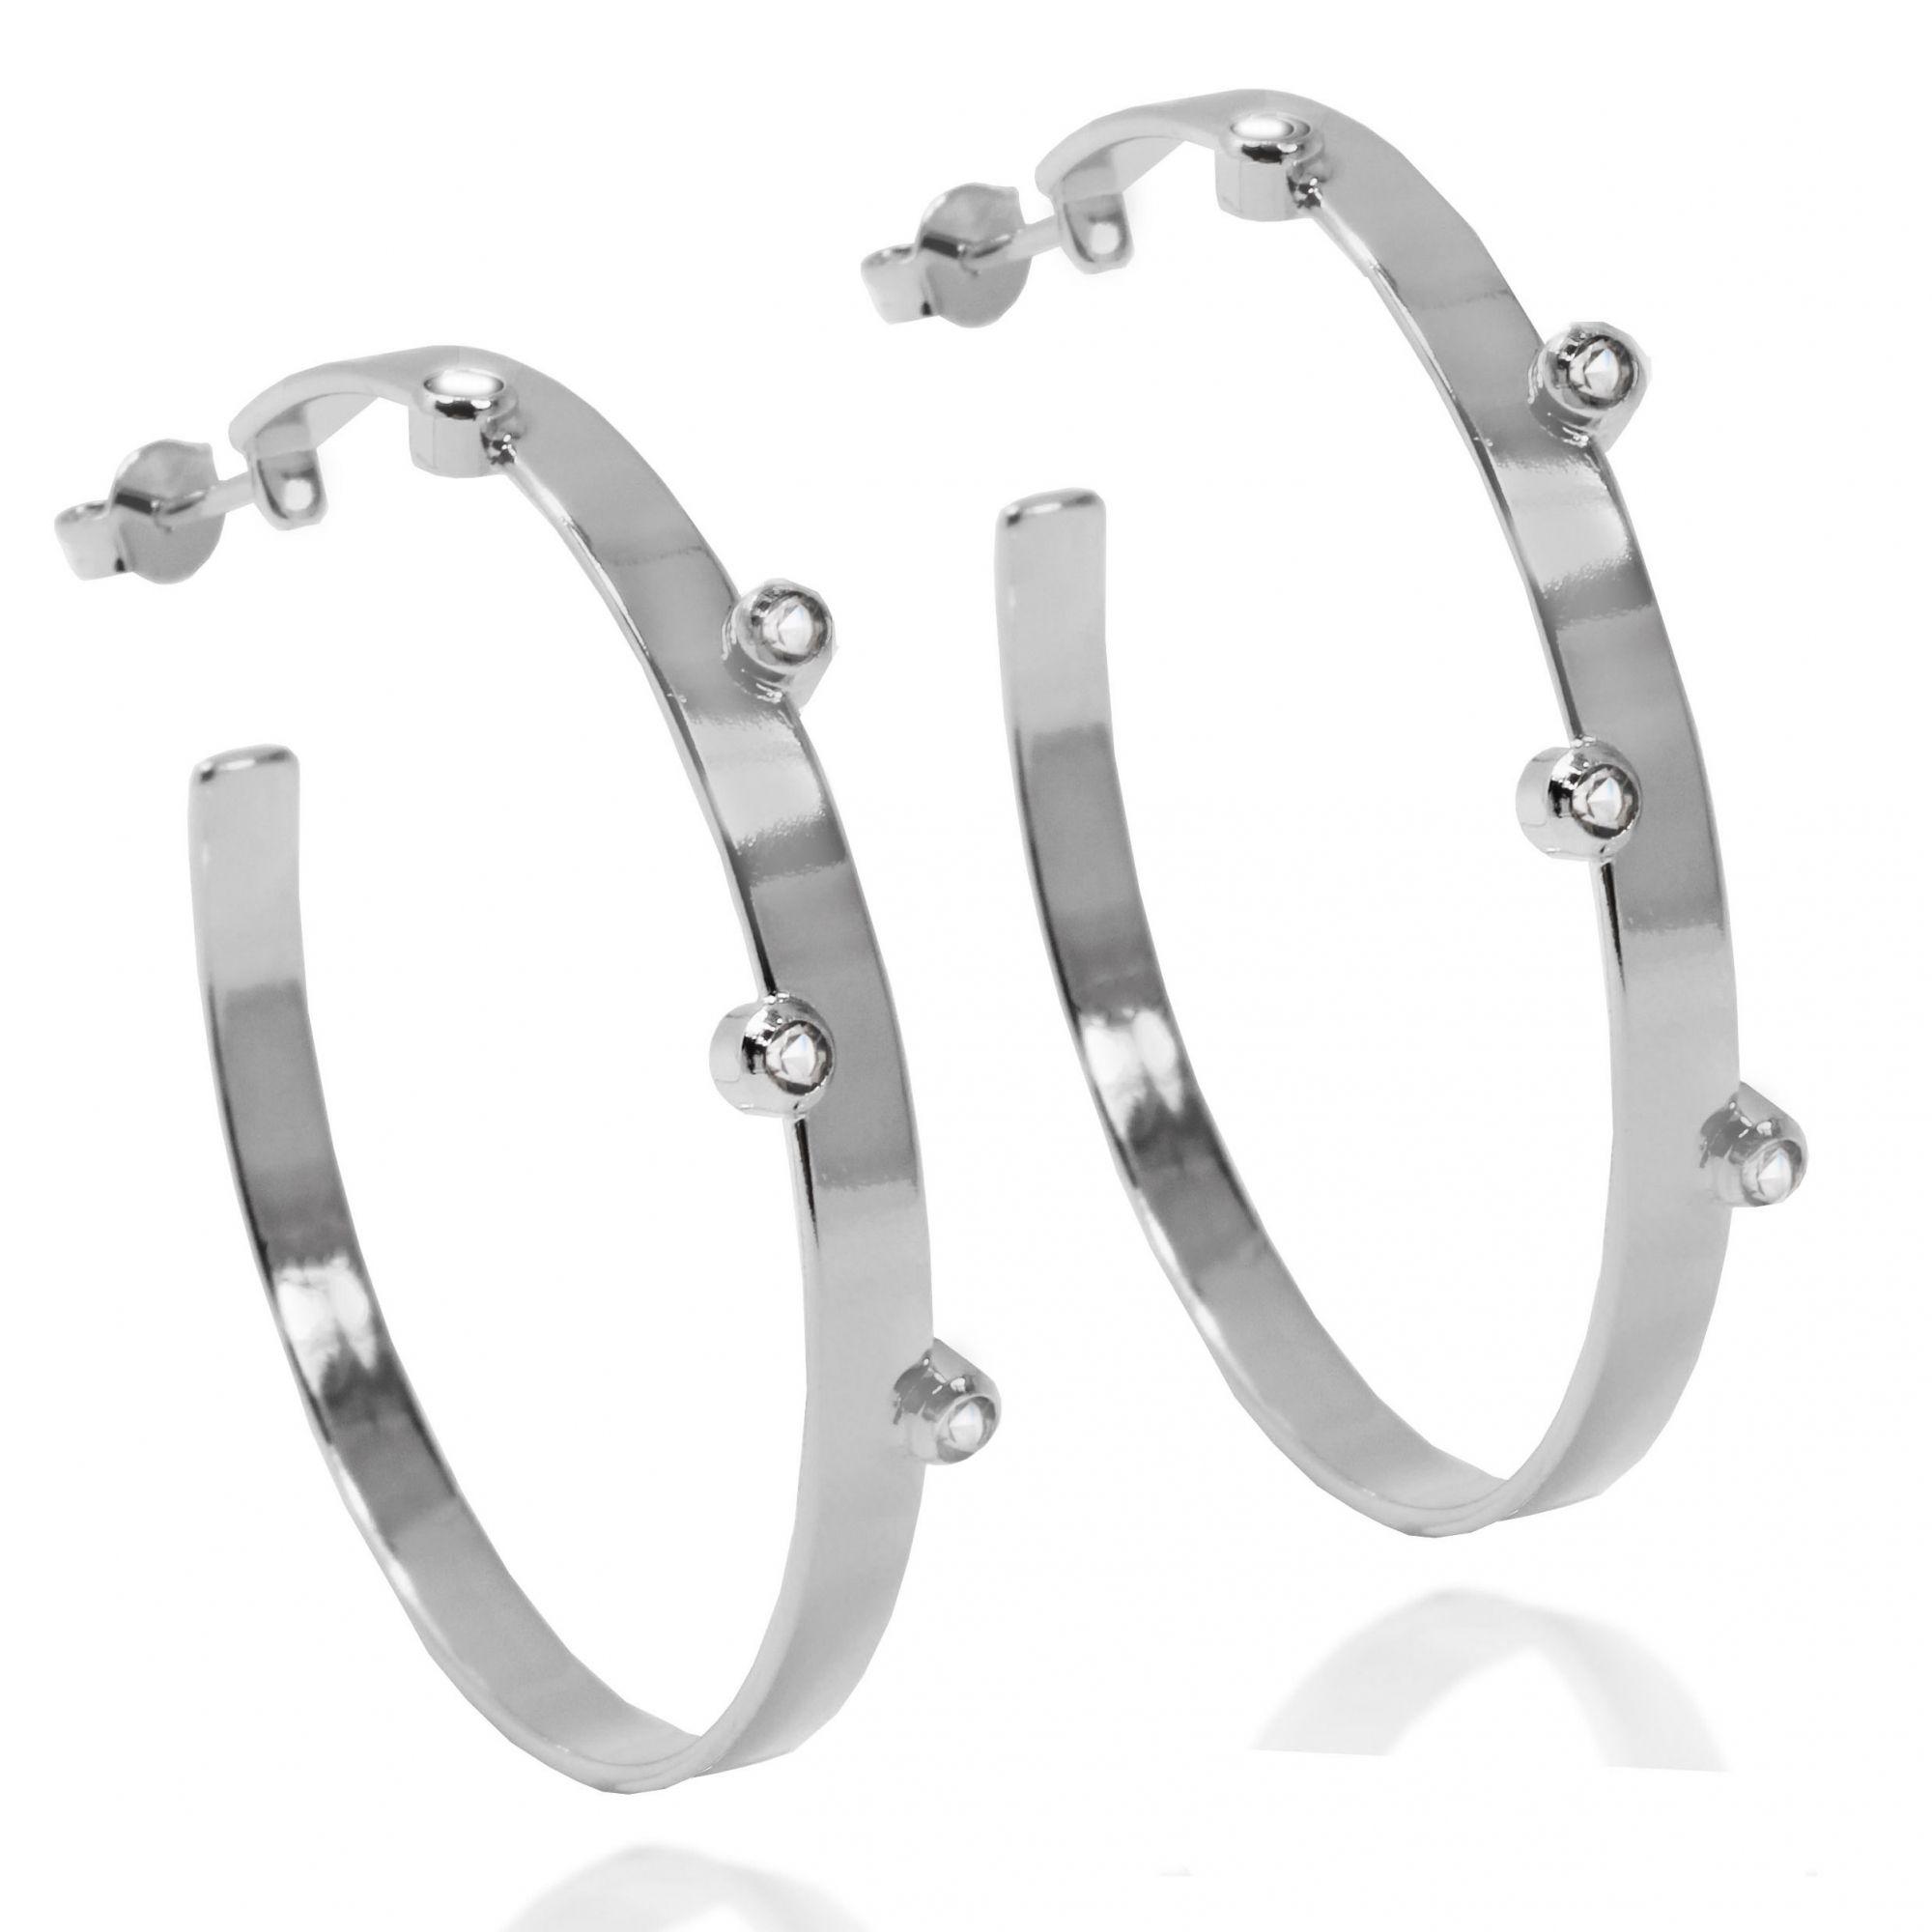 Brinco Argola 5 Pontos Zircônia Folheado a Prata 1000